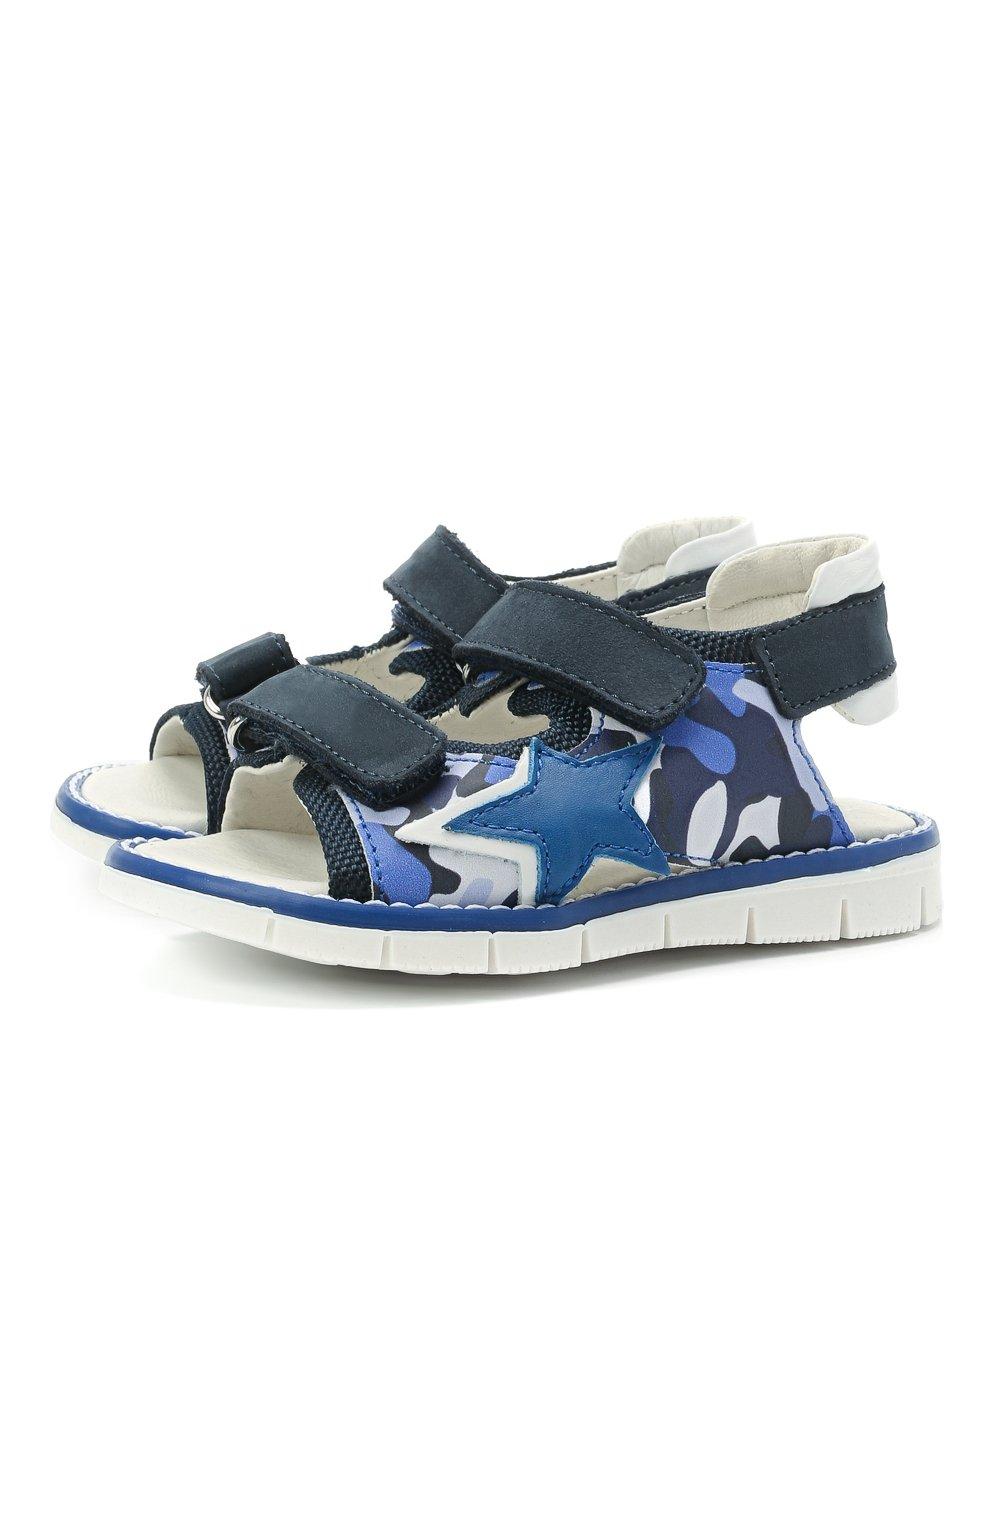 Детские сандалии WALKEY синего цвета, арт. Y1B2-41313-1209/19-24 | Фото 1 (Материал внешний: Экокожа, Текстиль; Материал внутренний: Натуральная кожа)